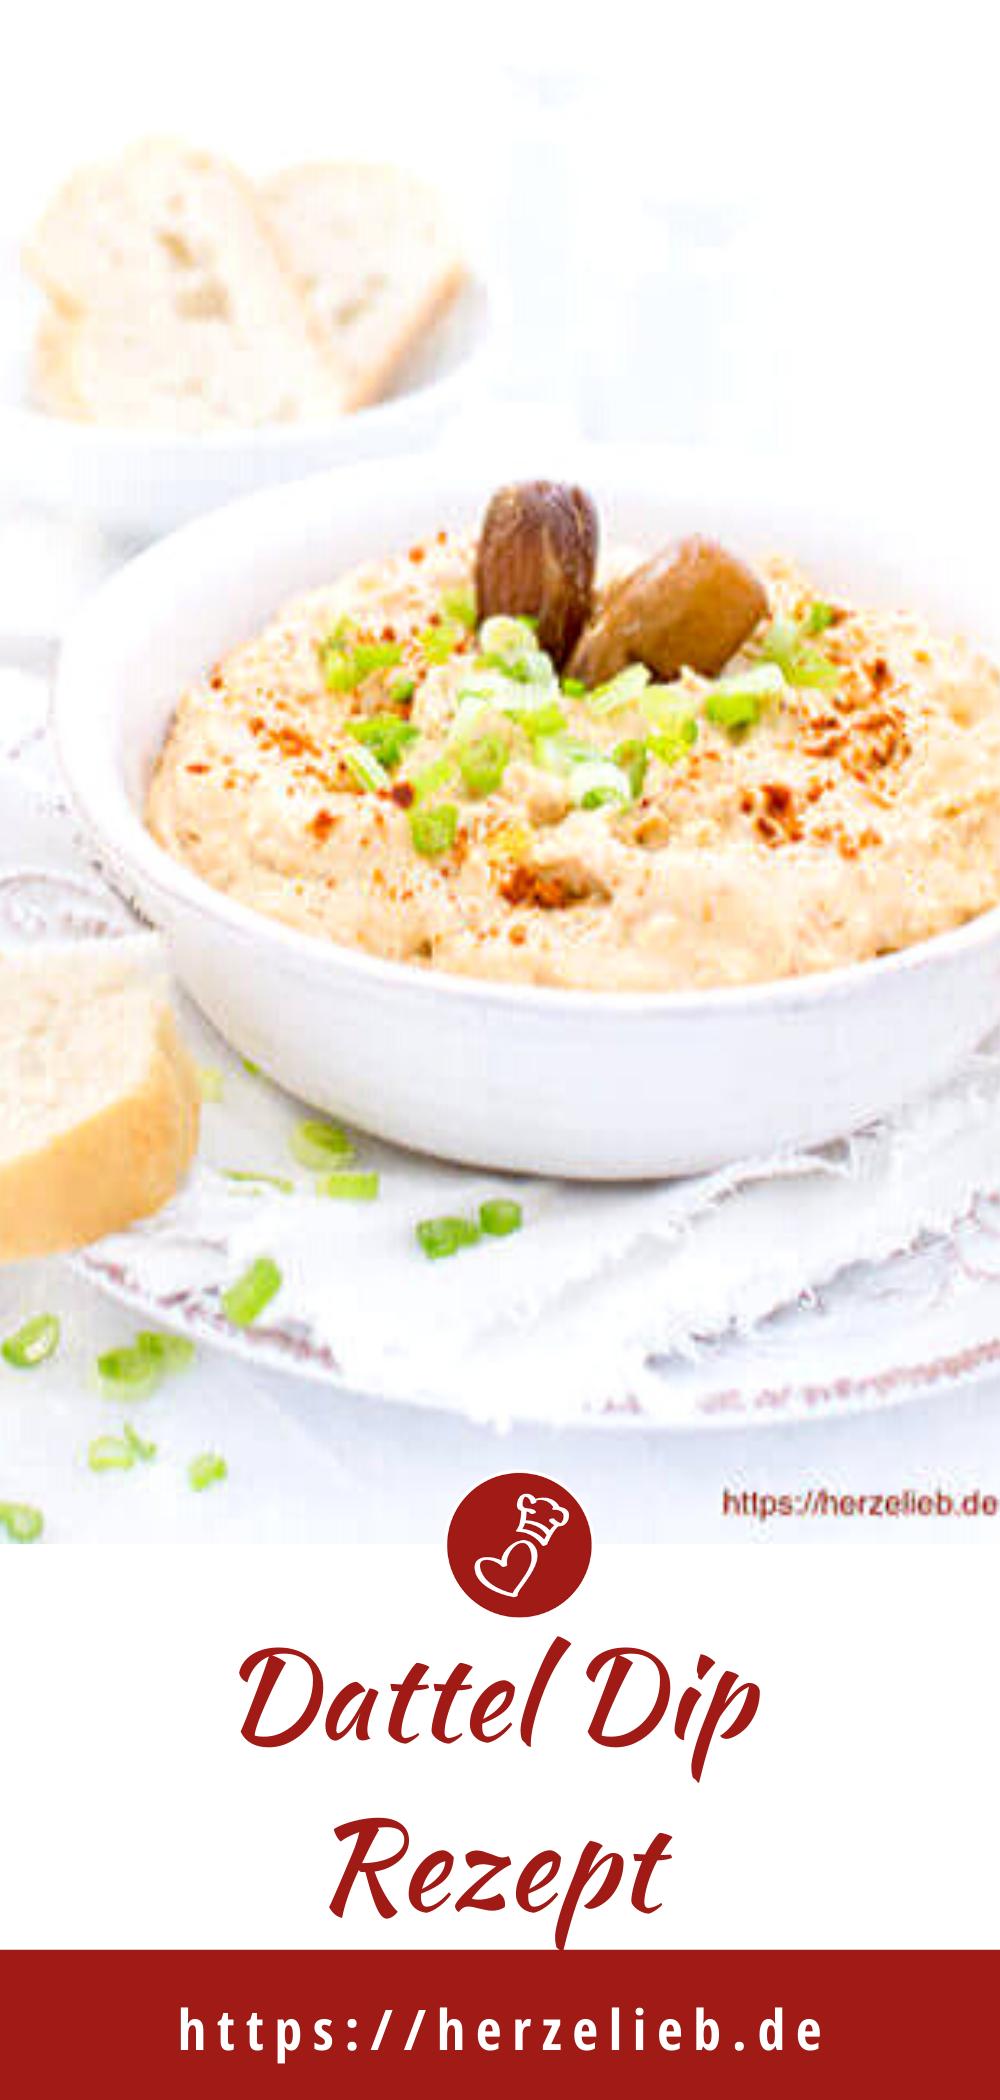 Datteldip Rezept von herzelieb - ist schnell gemacht! Dattel Dip auf Brot, zu Gemüse, zum Grillen